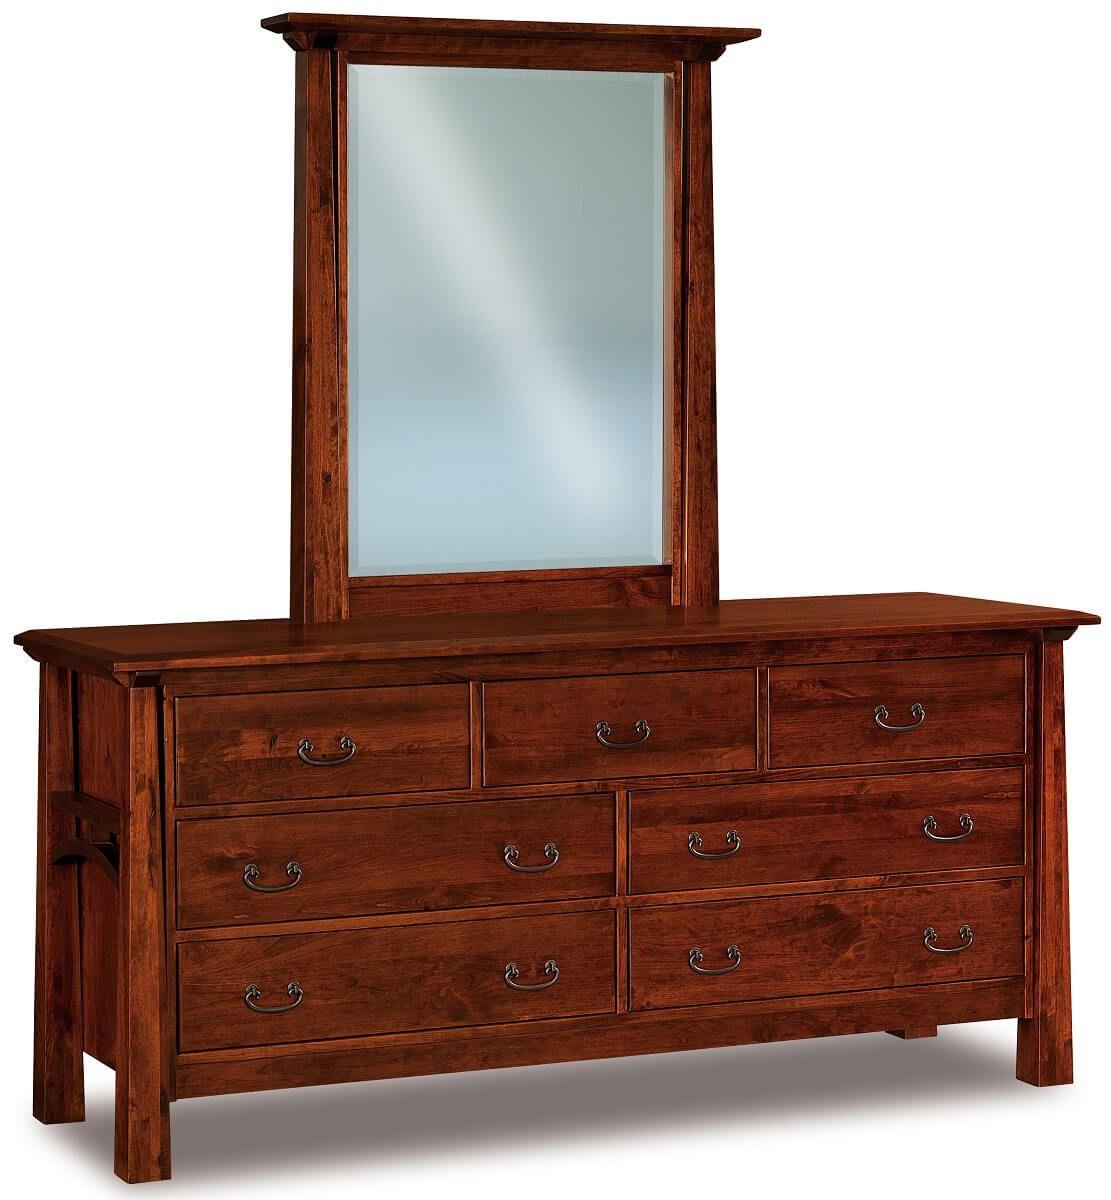 Bellevue 7-Drawer Dresser